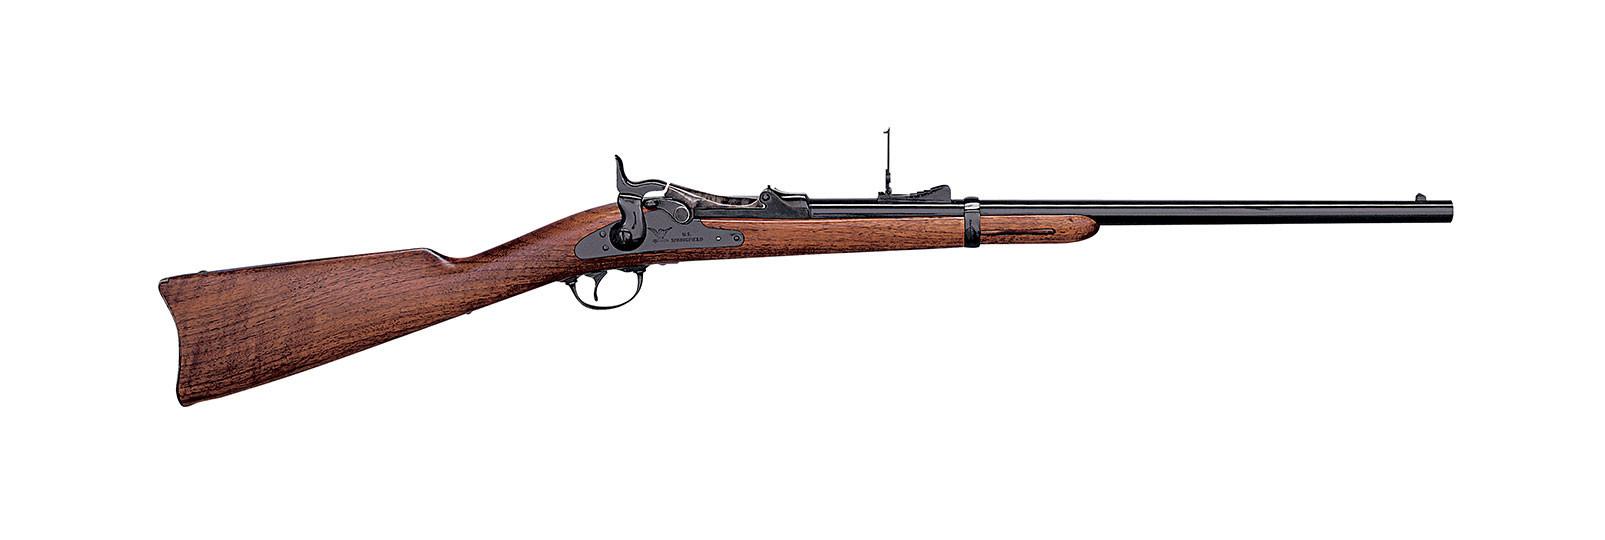 S.trapdoor carbine .45-70